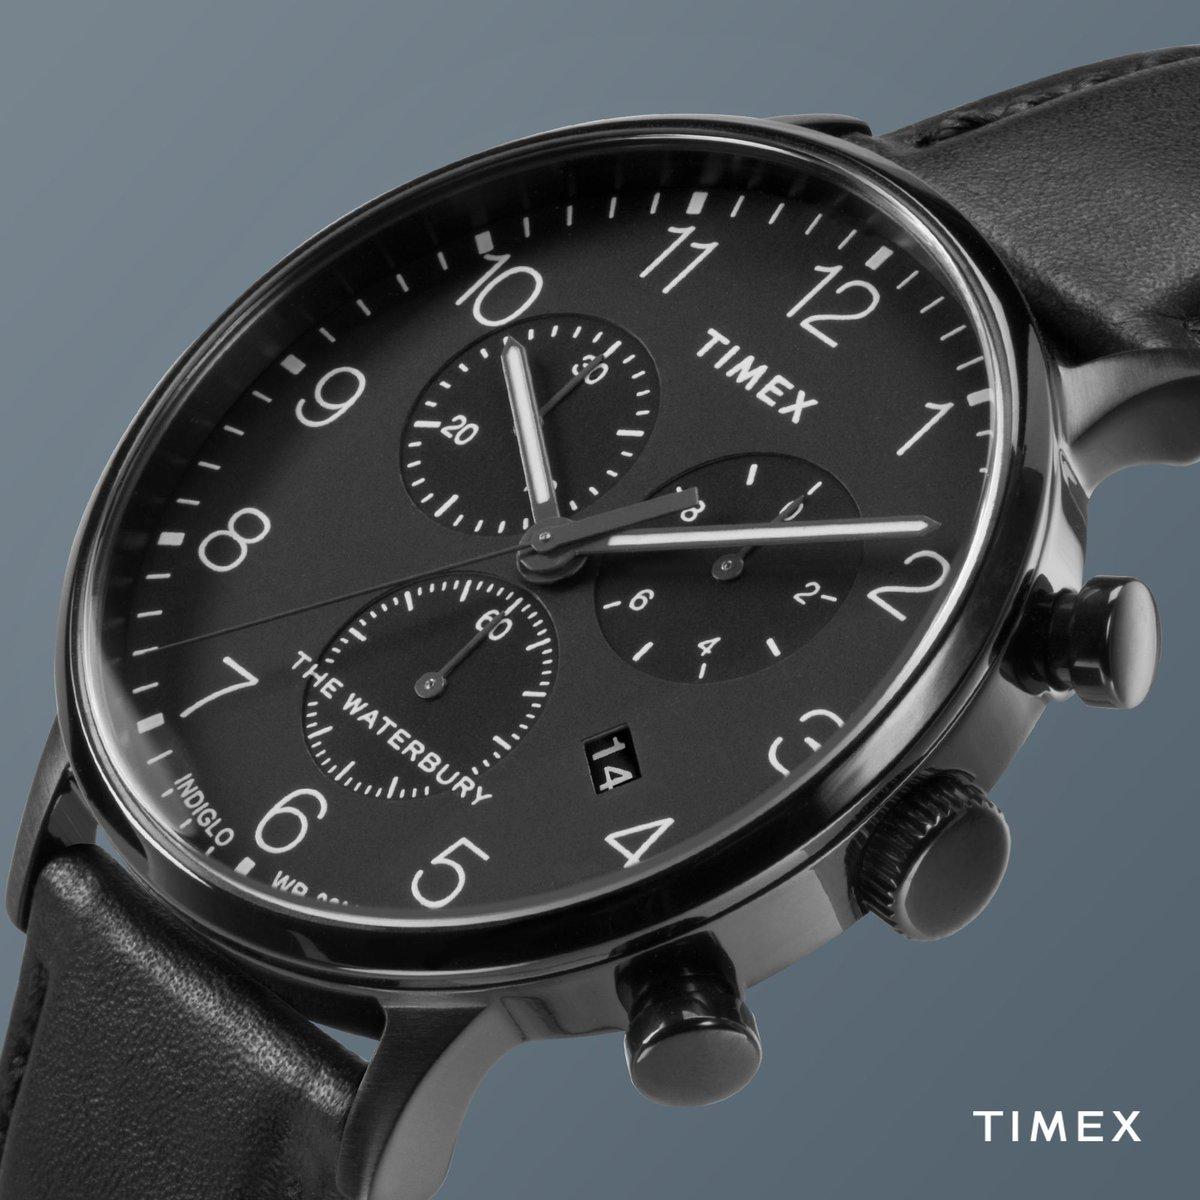 Timex Japan / タイメックス (@TimexJapan)